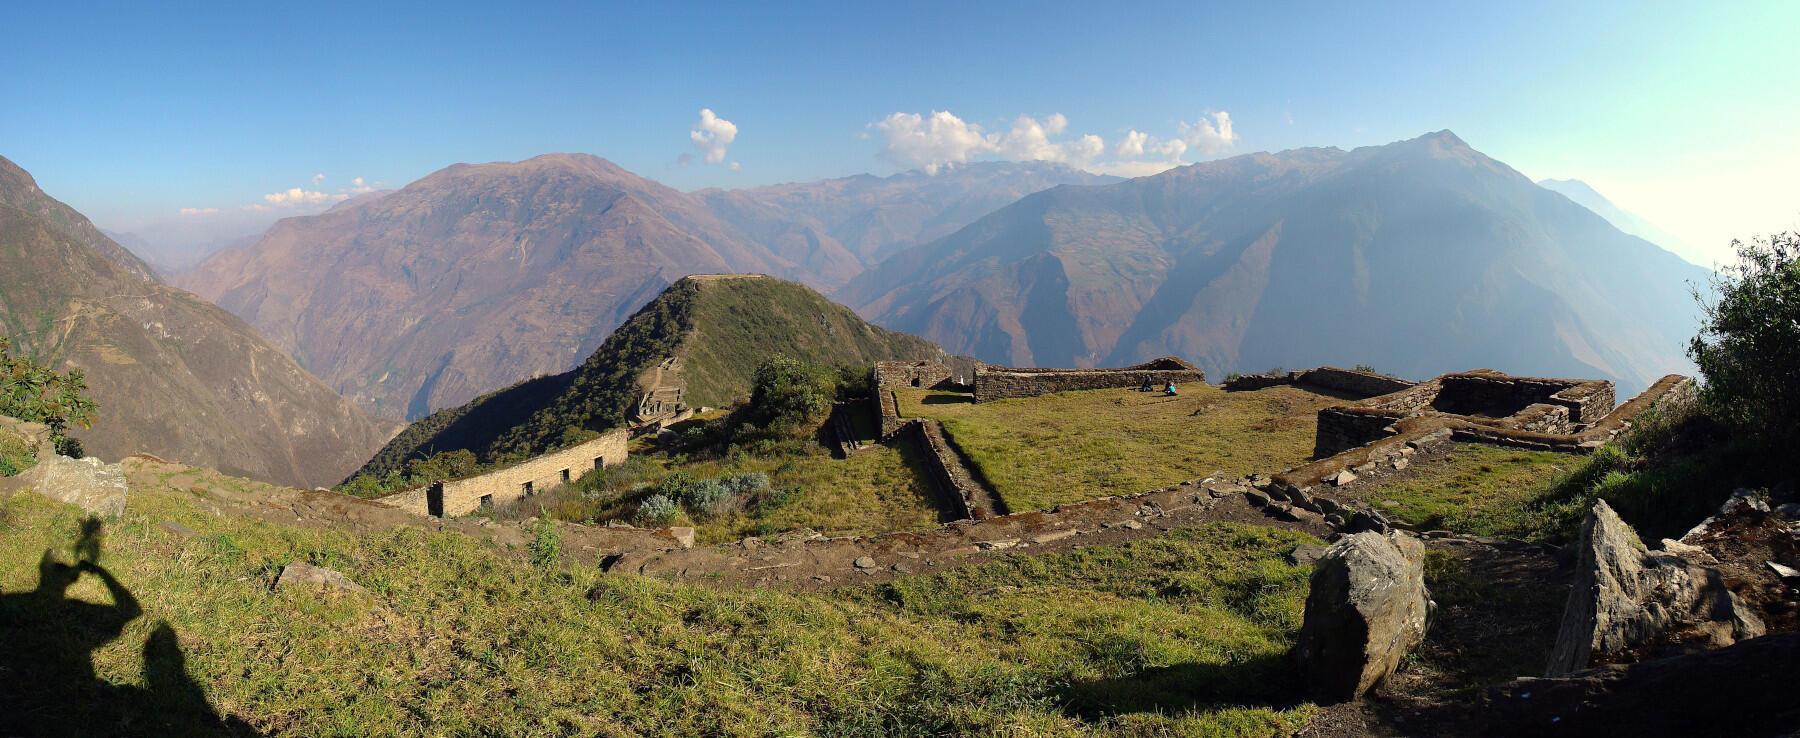 Les ruines de Choquequirao sont considérés comme un second Machu Picchu.